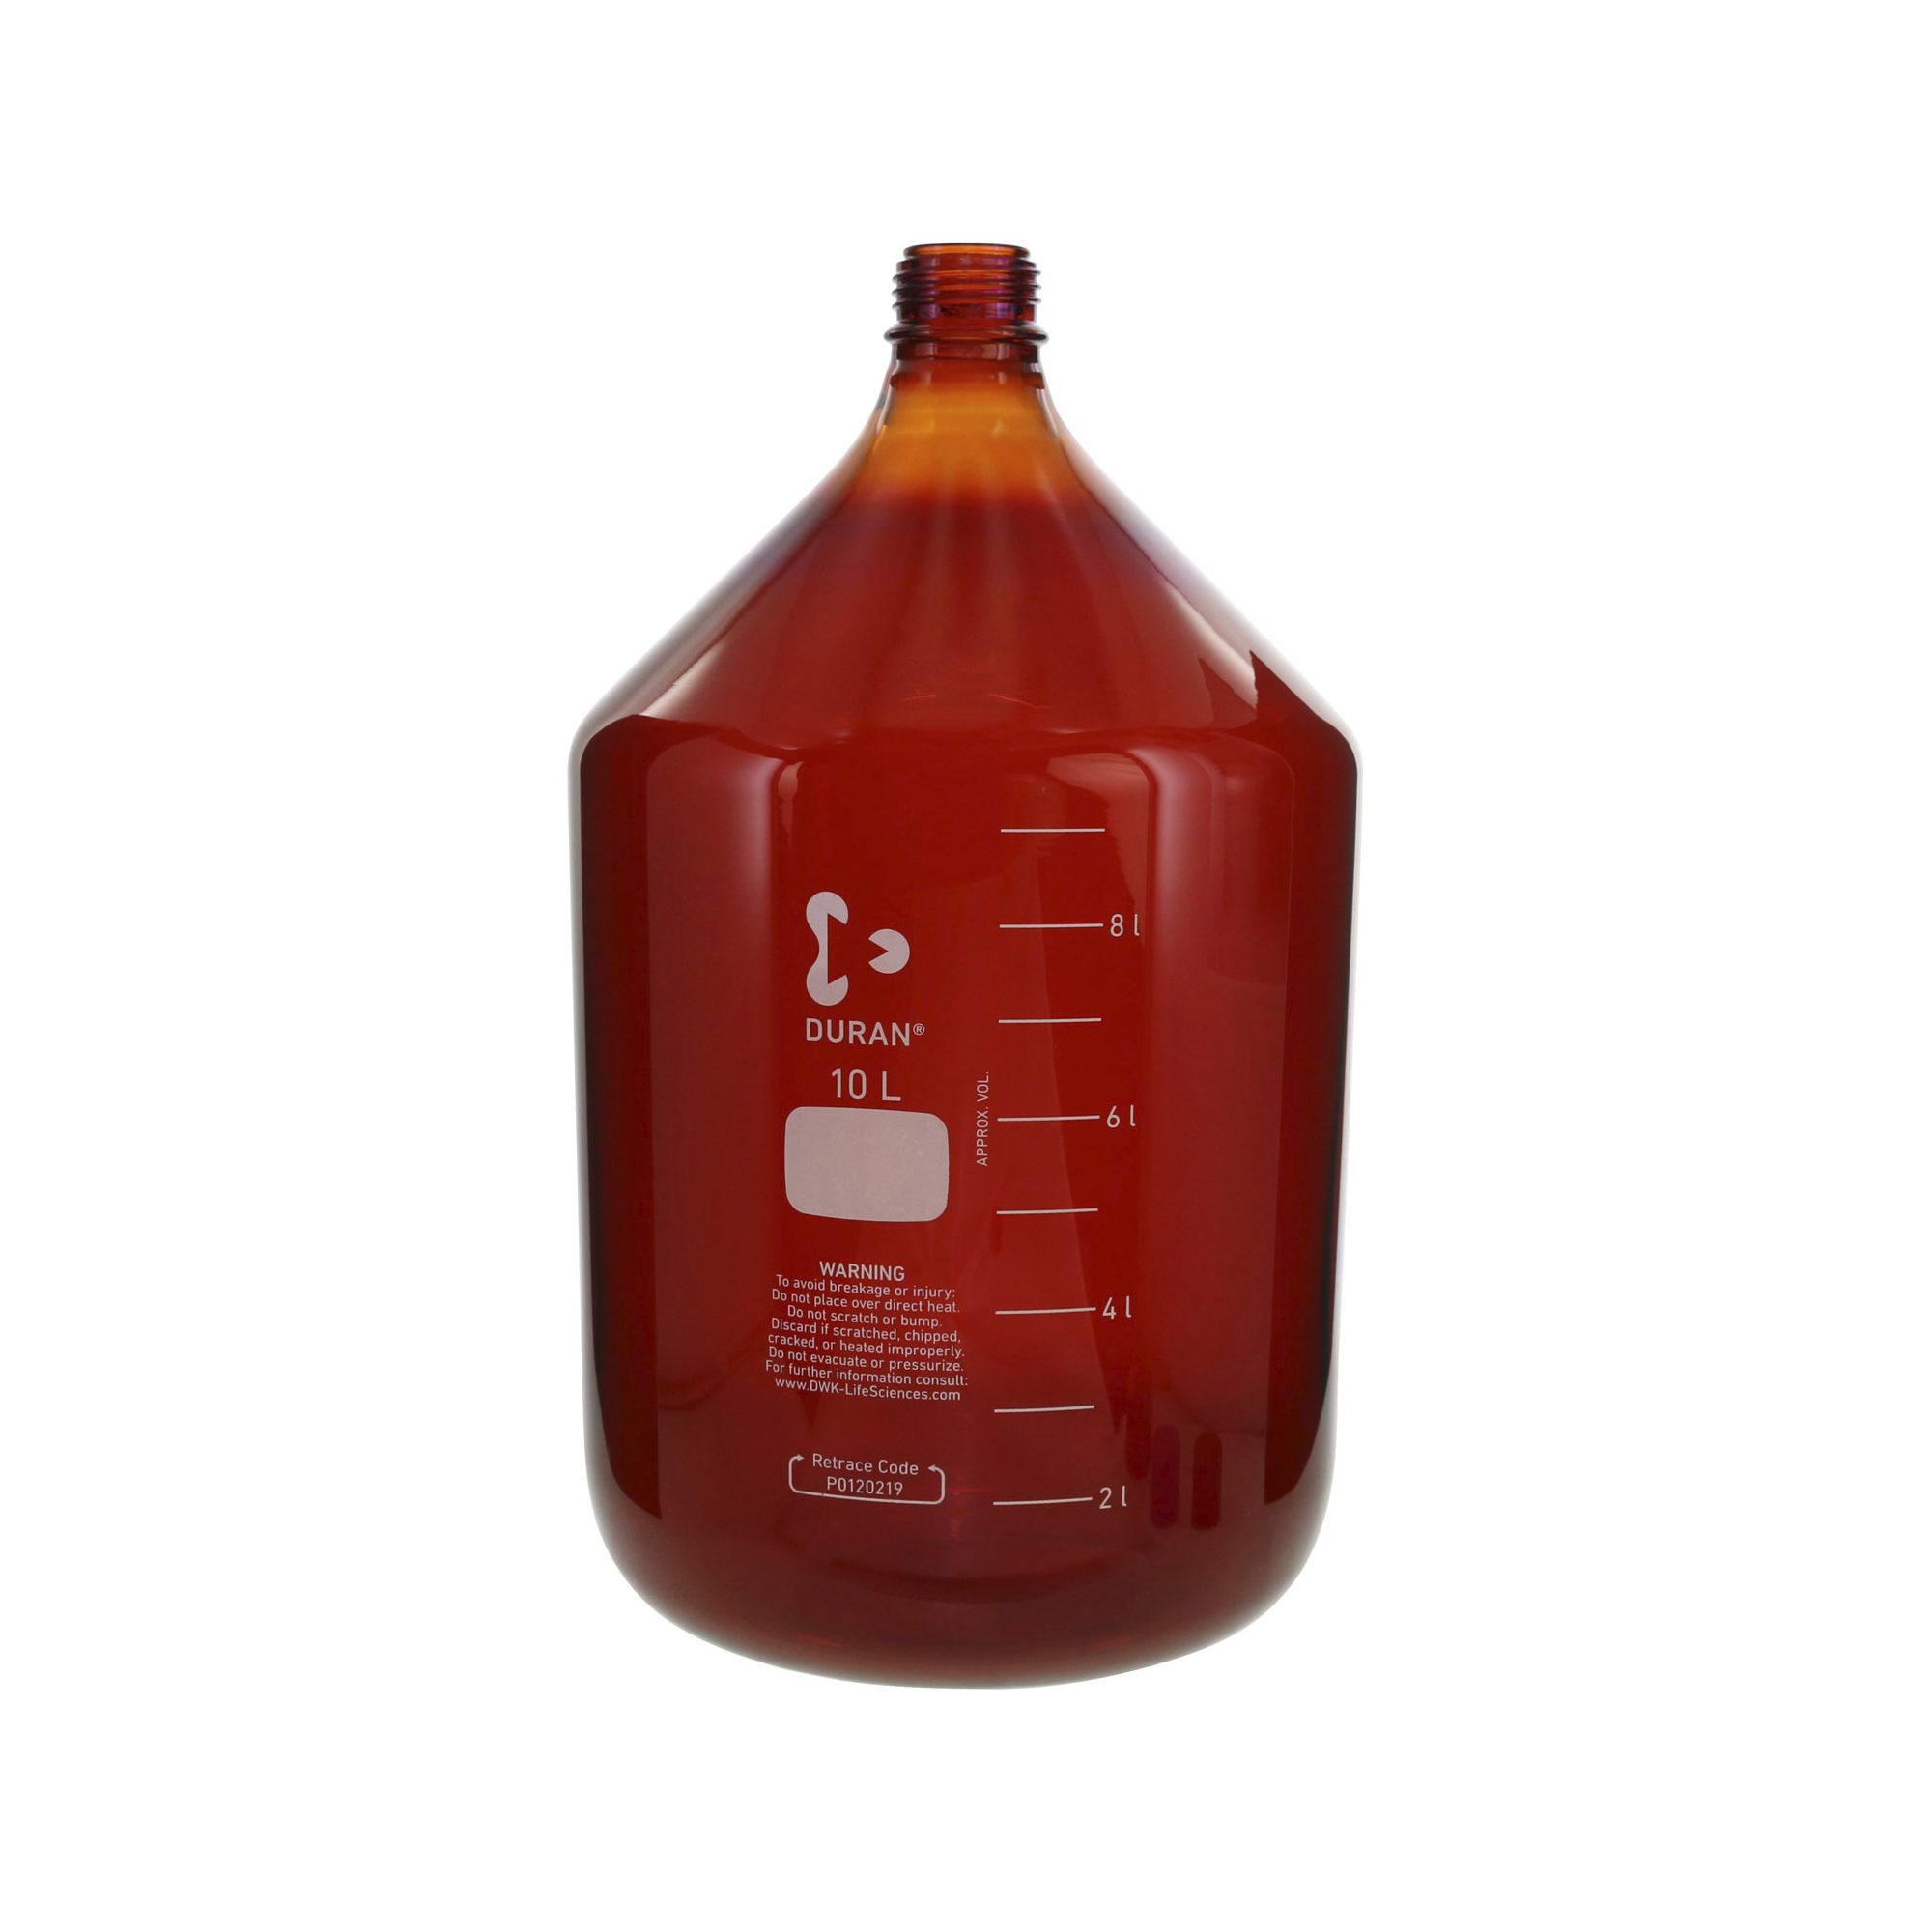 017210-100004 DURAN ねじ口びん(メジュームびん) 茶褐色 びんのみ 10L GL-45 柴田科学(SIBATA)